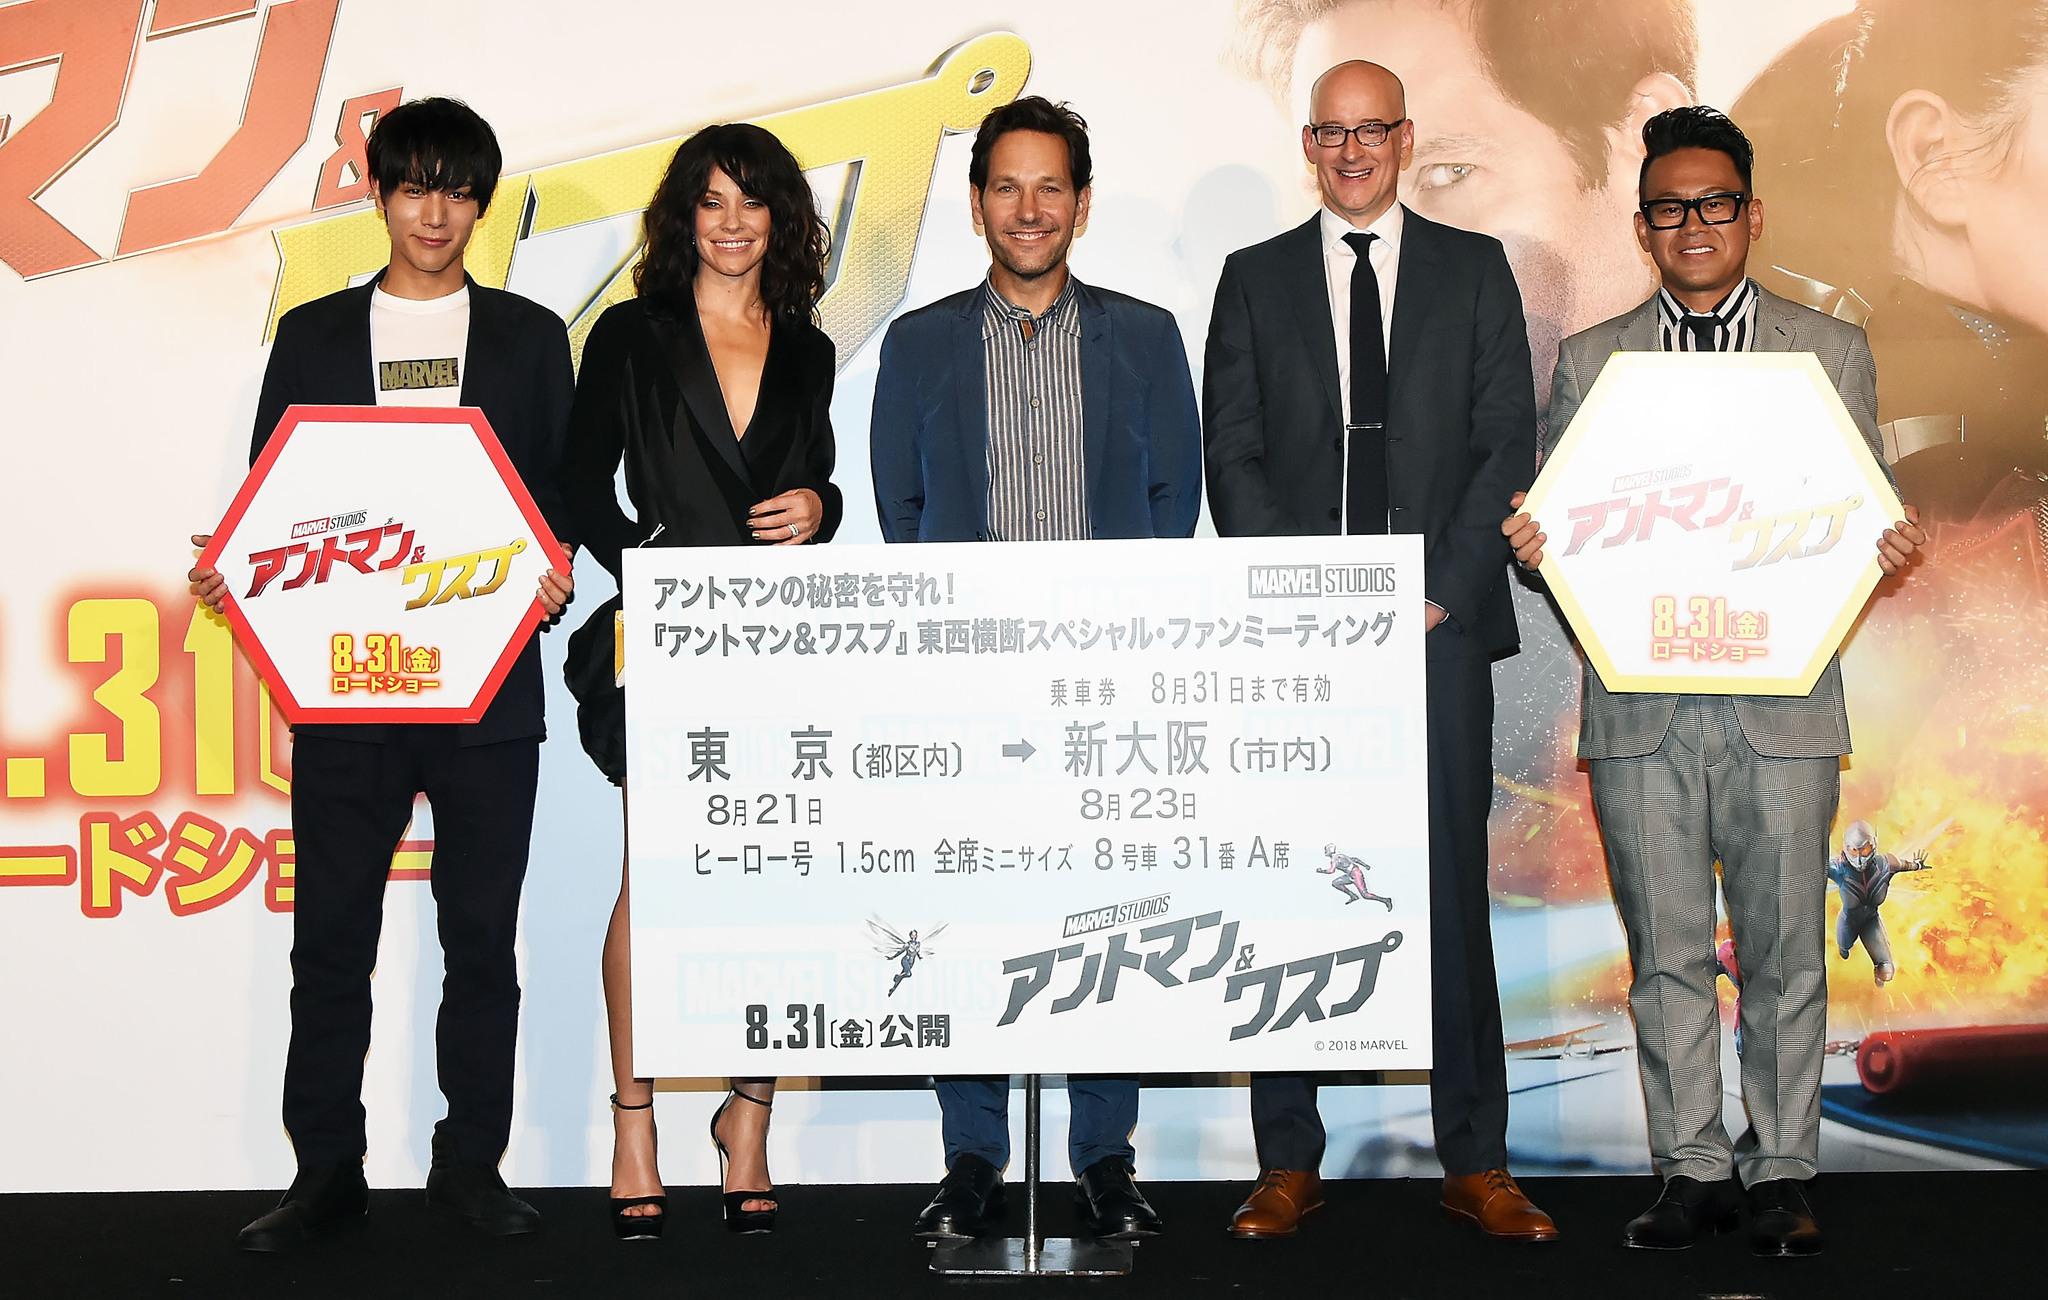 Peyton Reed, Paul Rudd, Evangeline Lilly, Daisuke Miyagawa, and Taishi Nakagawa